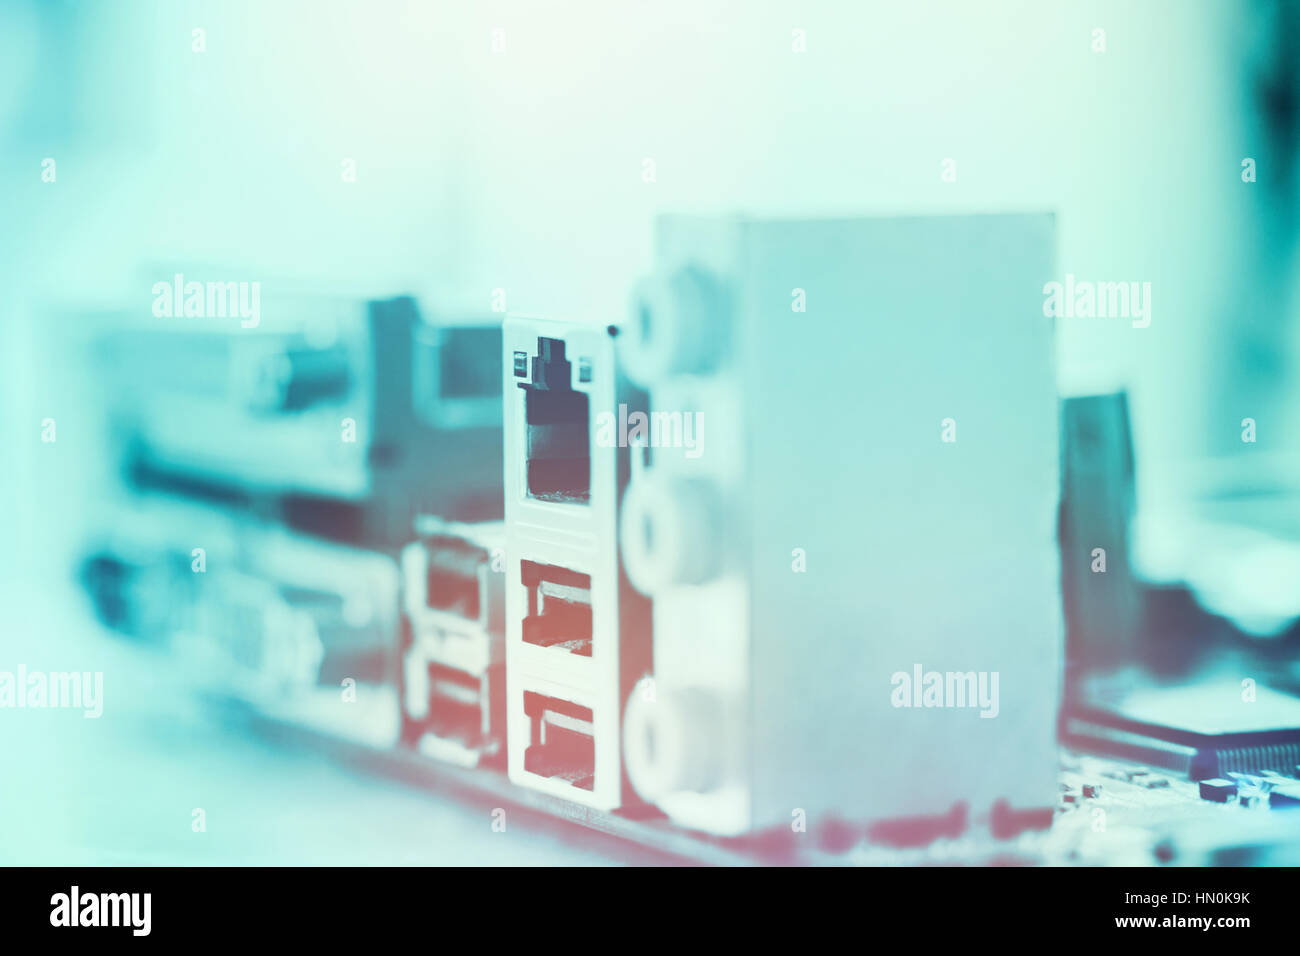 Detaillierte Nahaufnahme eines Mainboards Stockbild